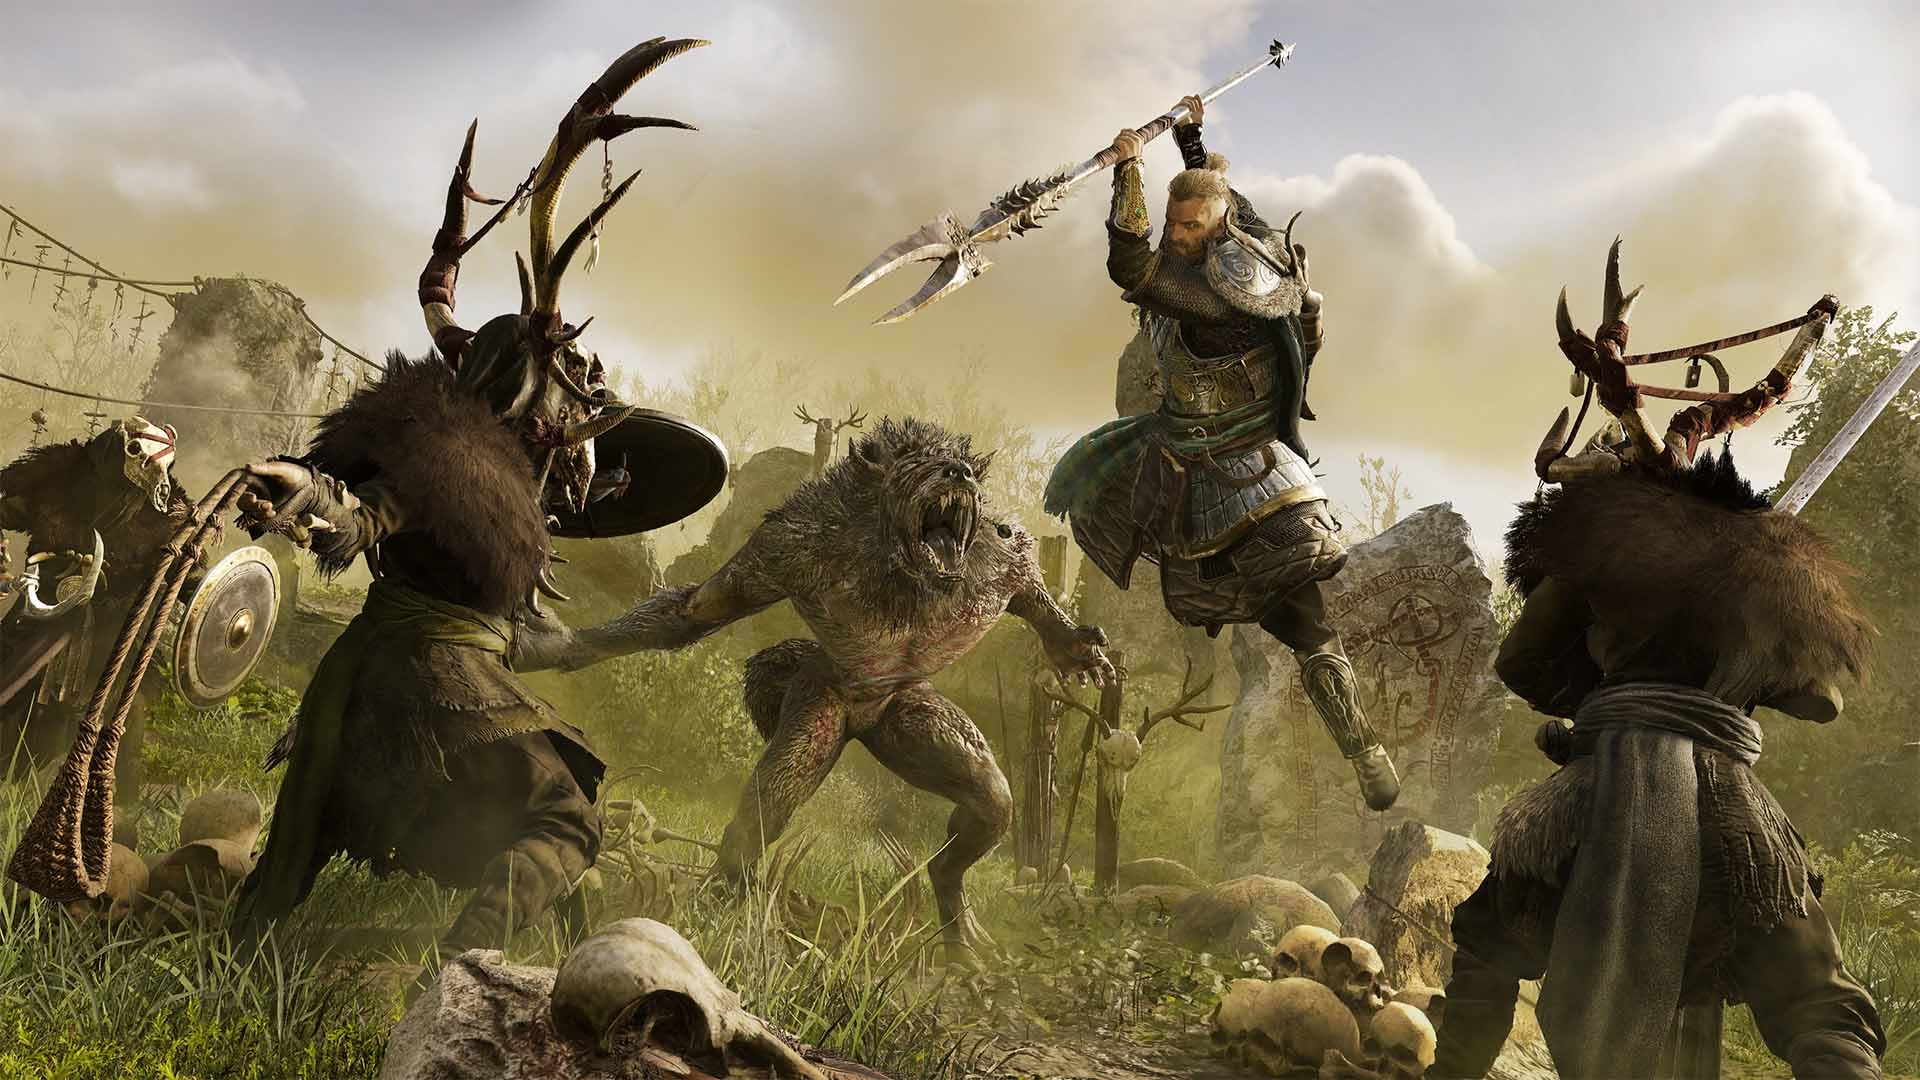 Los hombres lobo llegarán a Assassin's Creed Valhalla en la expansión Wrath of the Druids 3